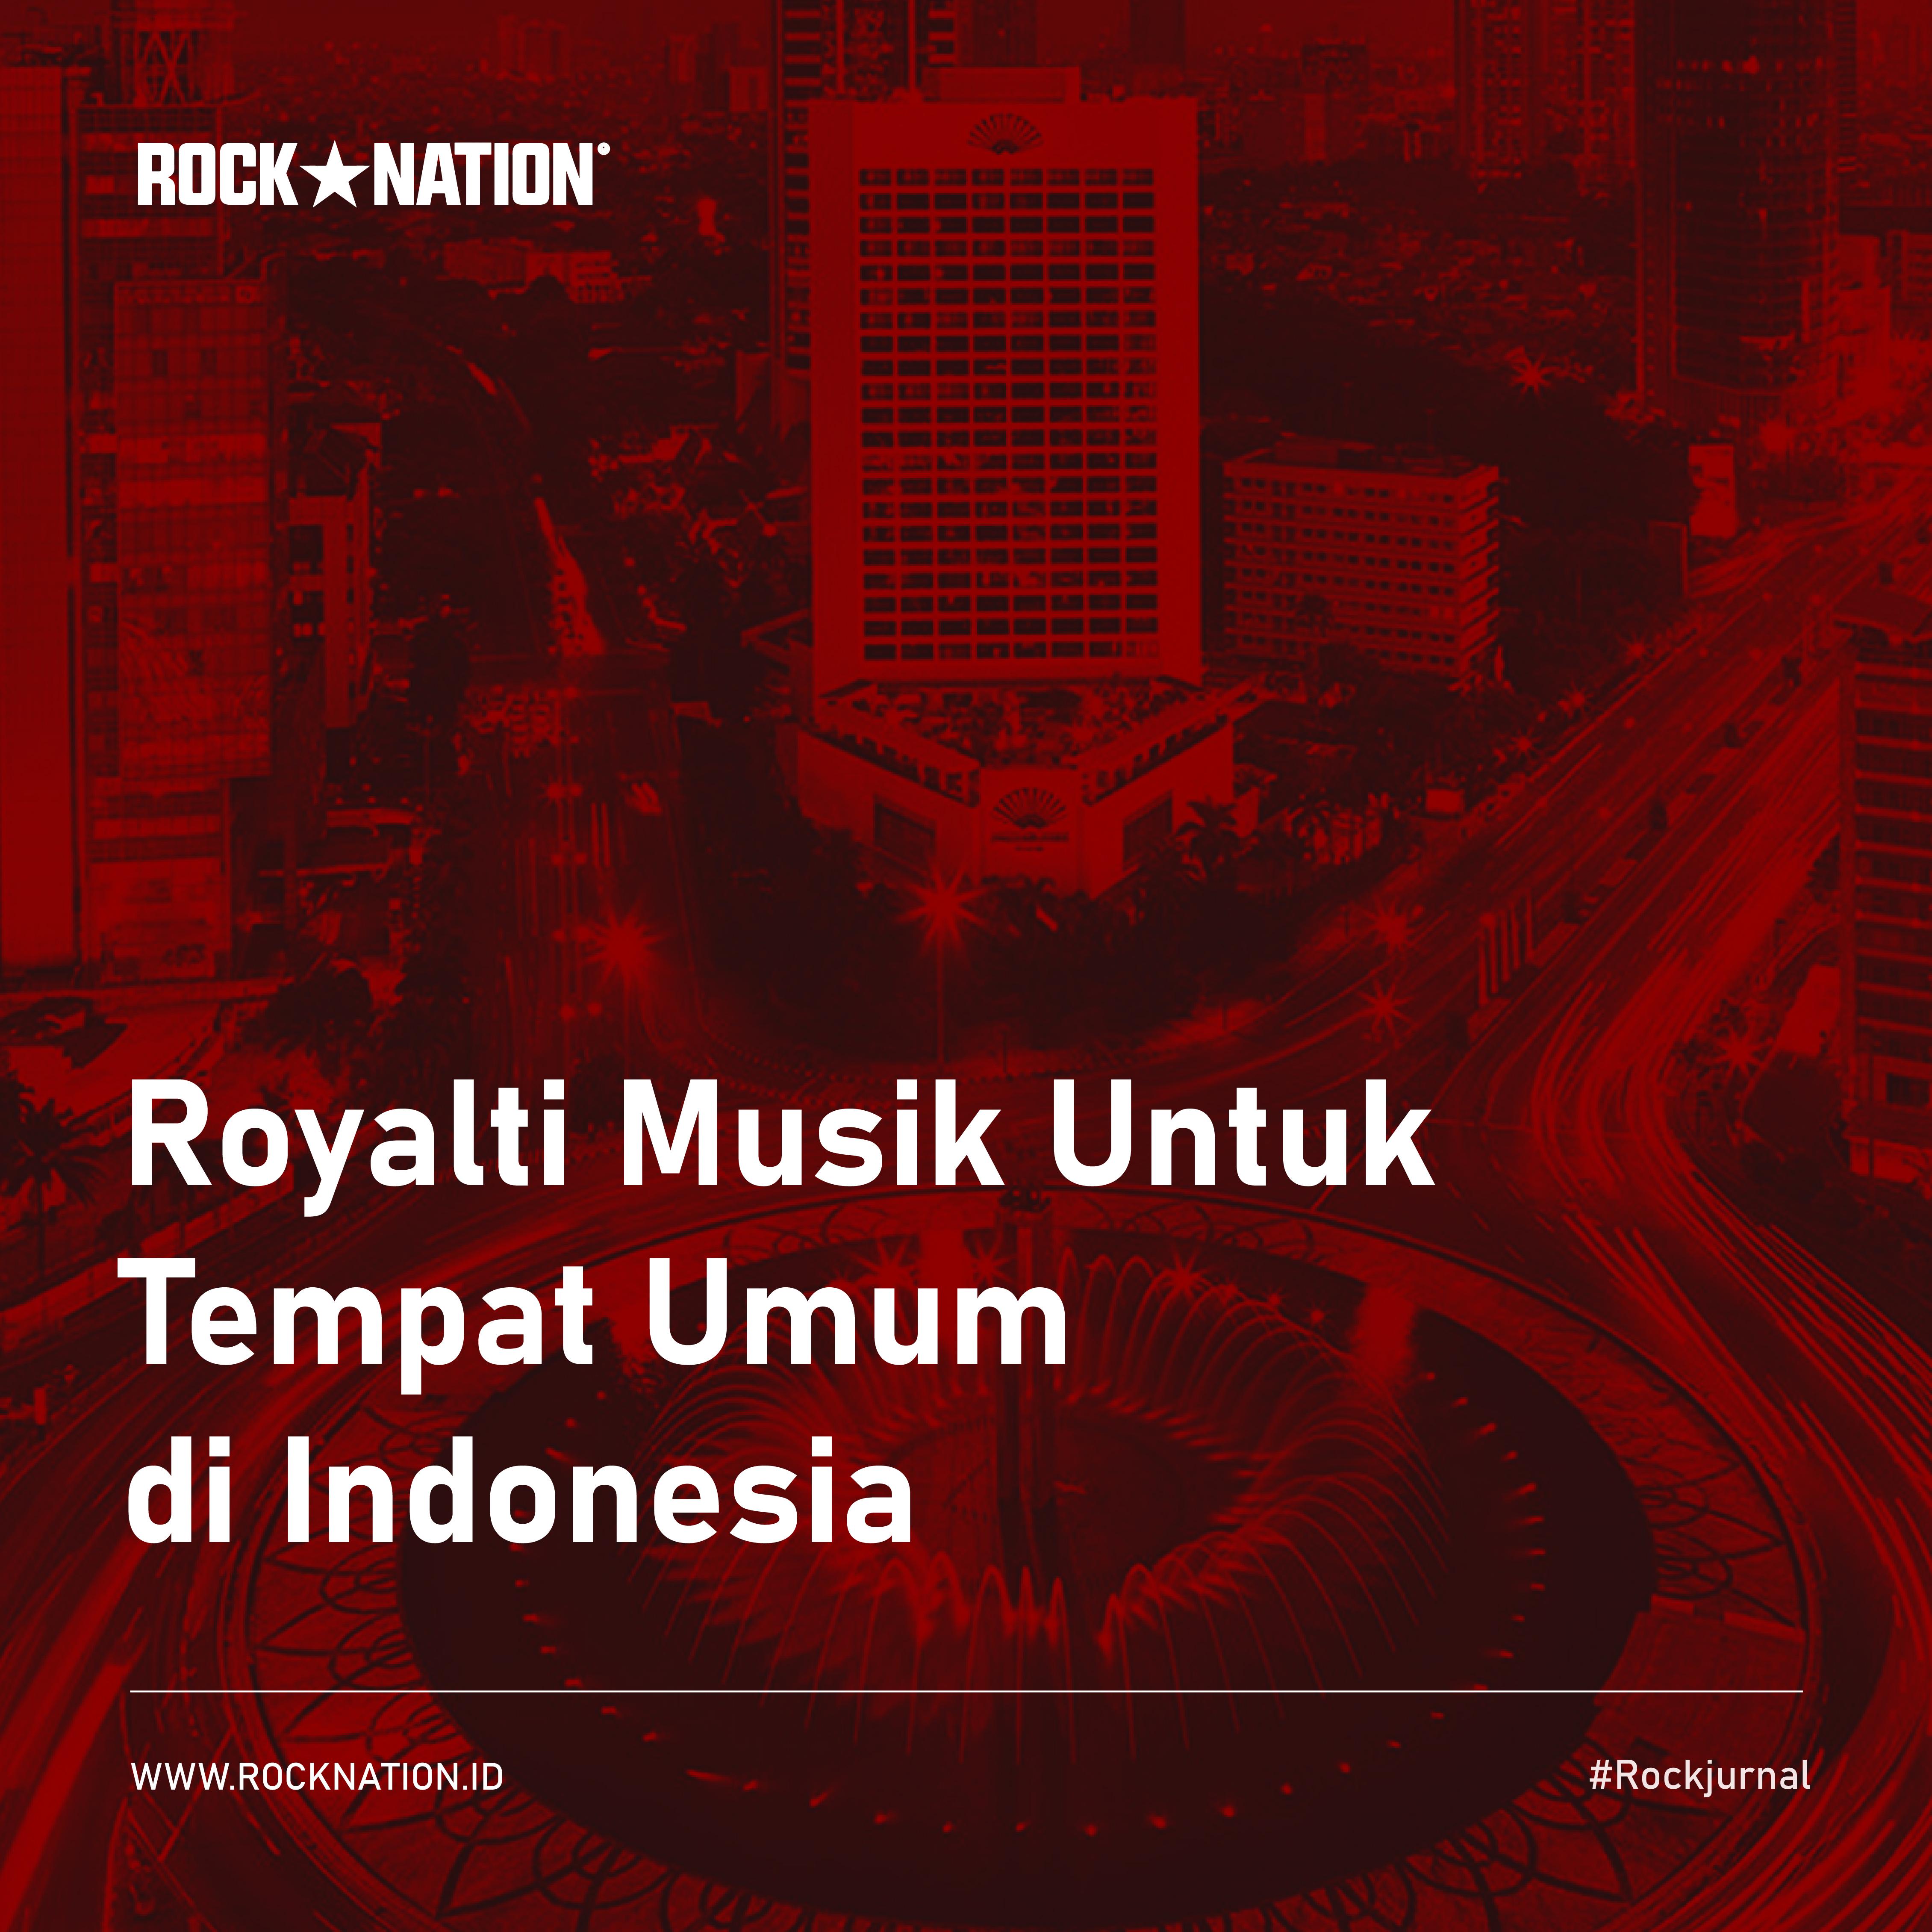 Royalti Musik Untuk Tempat Umum di Indonesia image